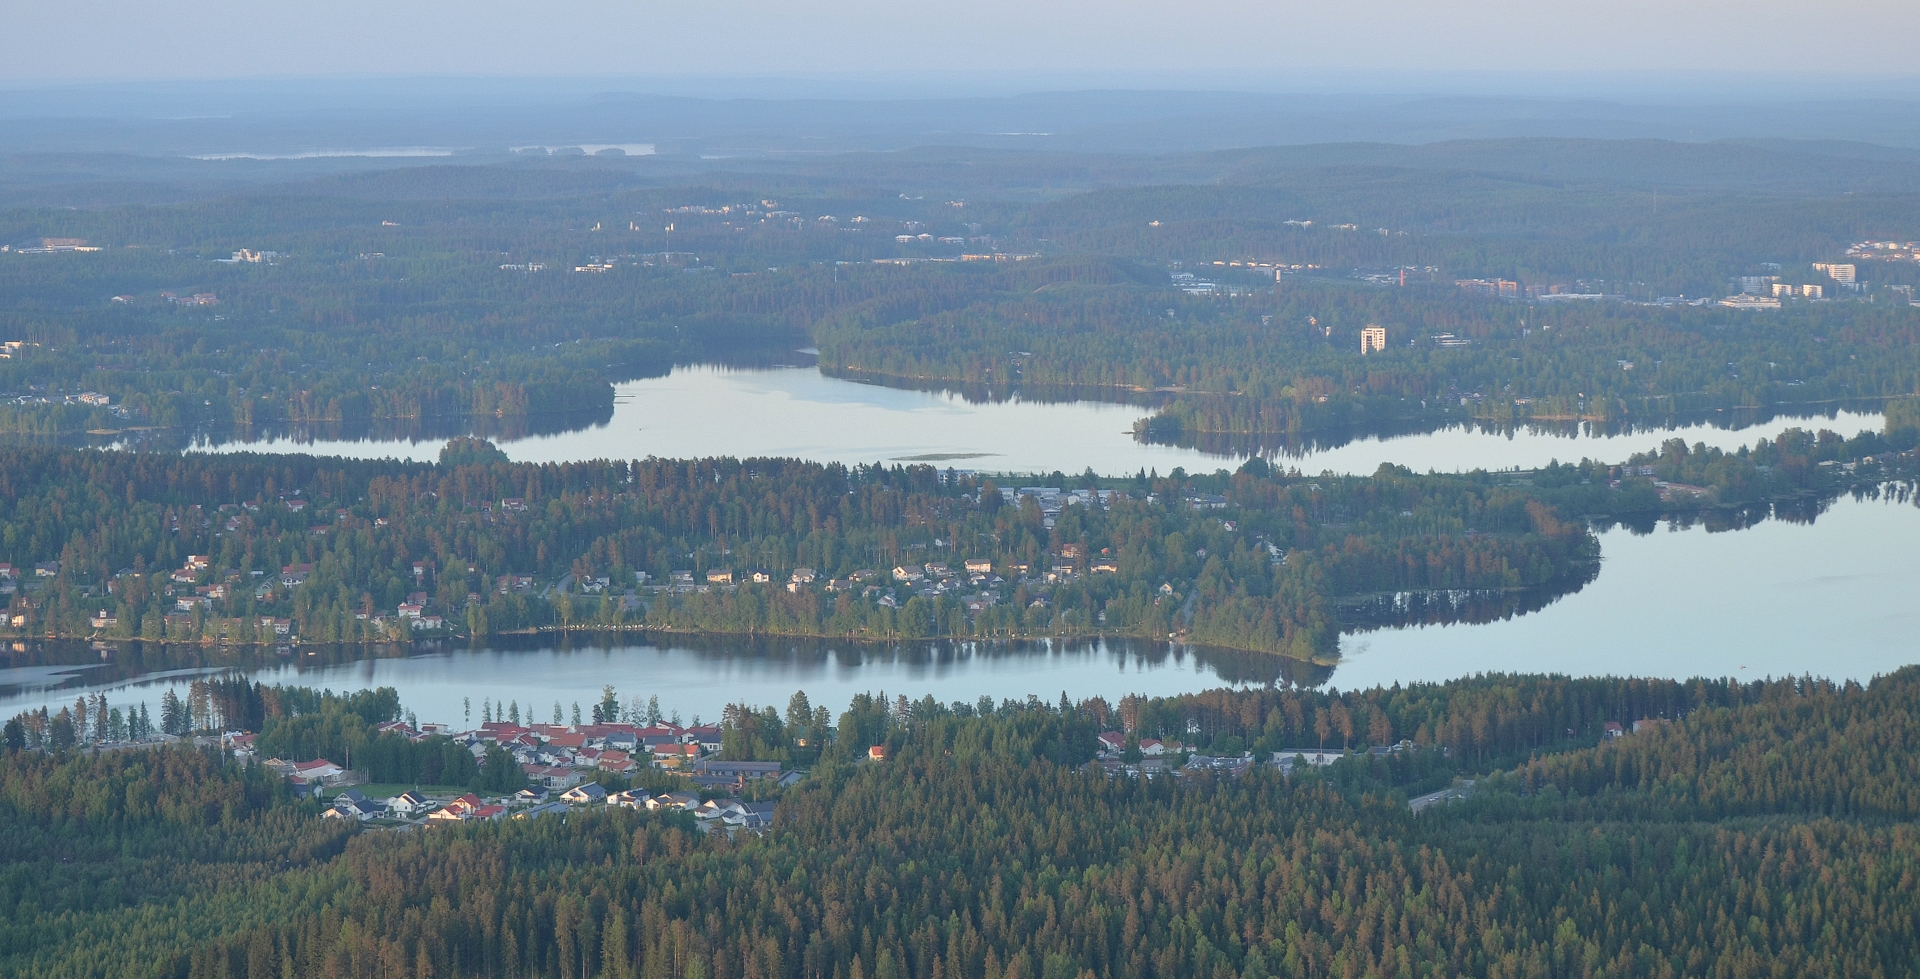 Lähempänä Tuomiojärvi ja taaempi Palokkajärvi Laajavuoren päältä nähtynä